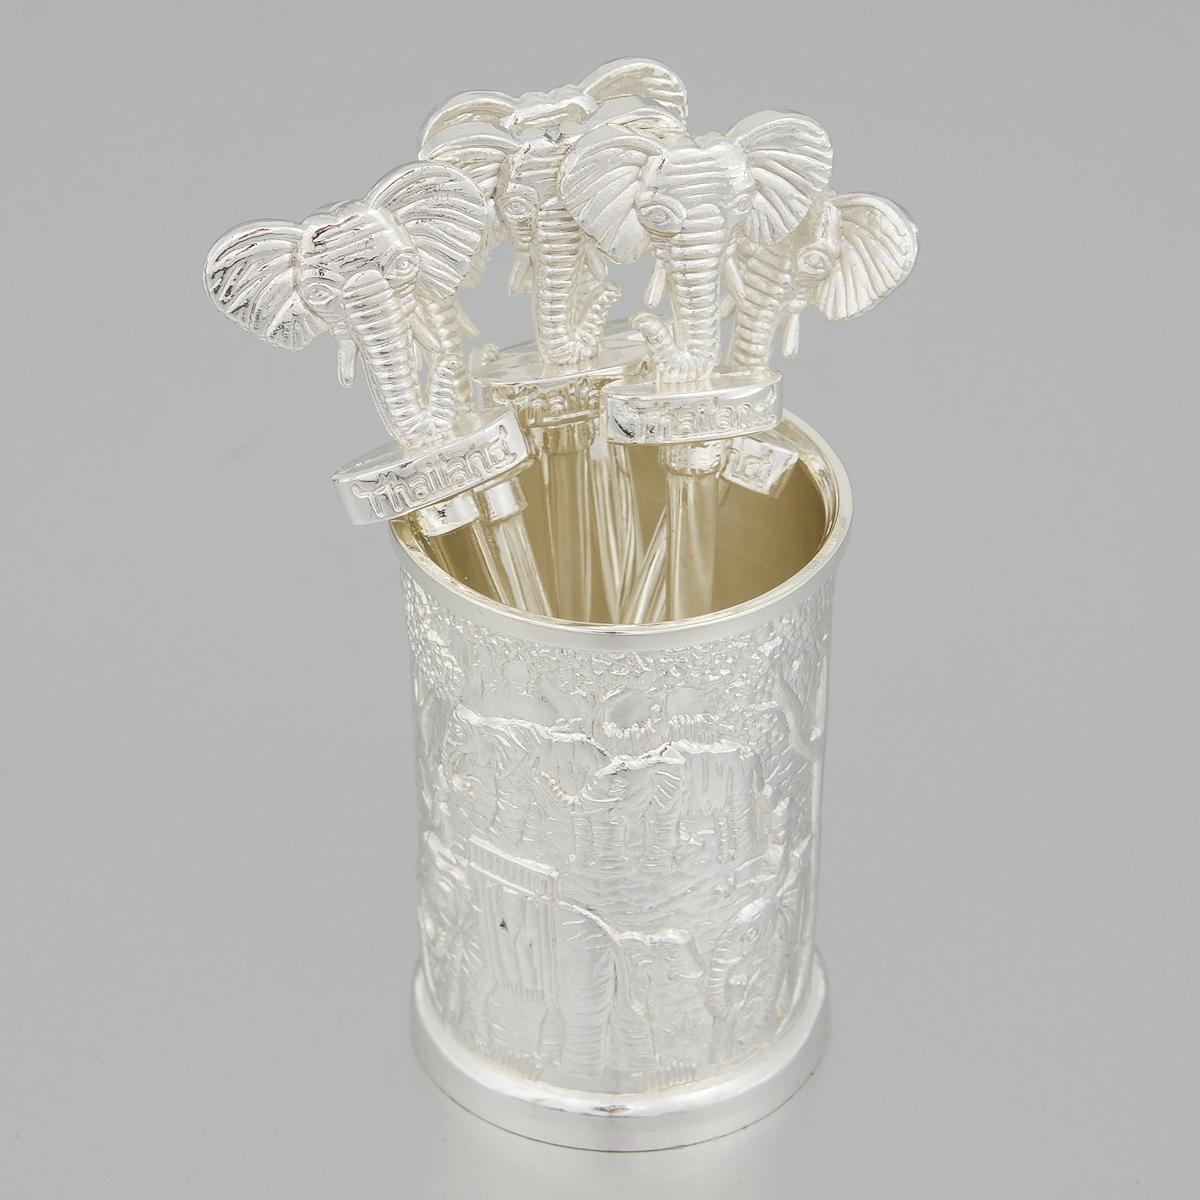 Набор вилочек Marquis, 7 предметов. 7016-MR94672Набор Marquis, выполненный из стали с серебряно-никелевым покрытием, состоит из шести вилочек для канапе и подставки. Рукоятки вилочек декорированы фигурками в виде головы слона. Подставка оформлена рельефным изображением слонов и деревьев. Эксклюзивный дизайн, эстетичность и функциональность набора позволят ему занять достойное место среди кухонного инвентаря, а сервировка праздничного стола таким набором станет великолепным украшением любого торжества.